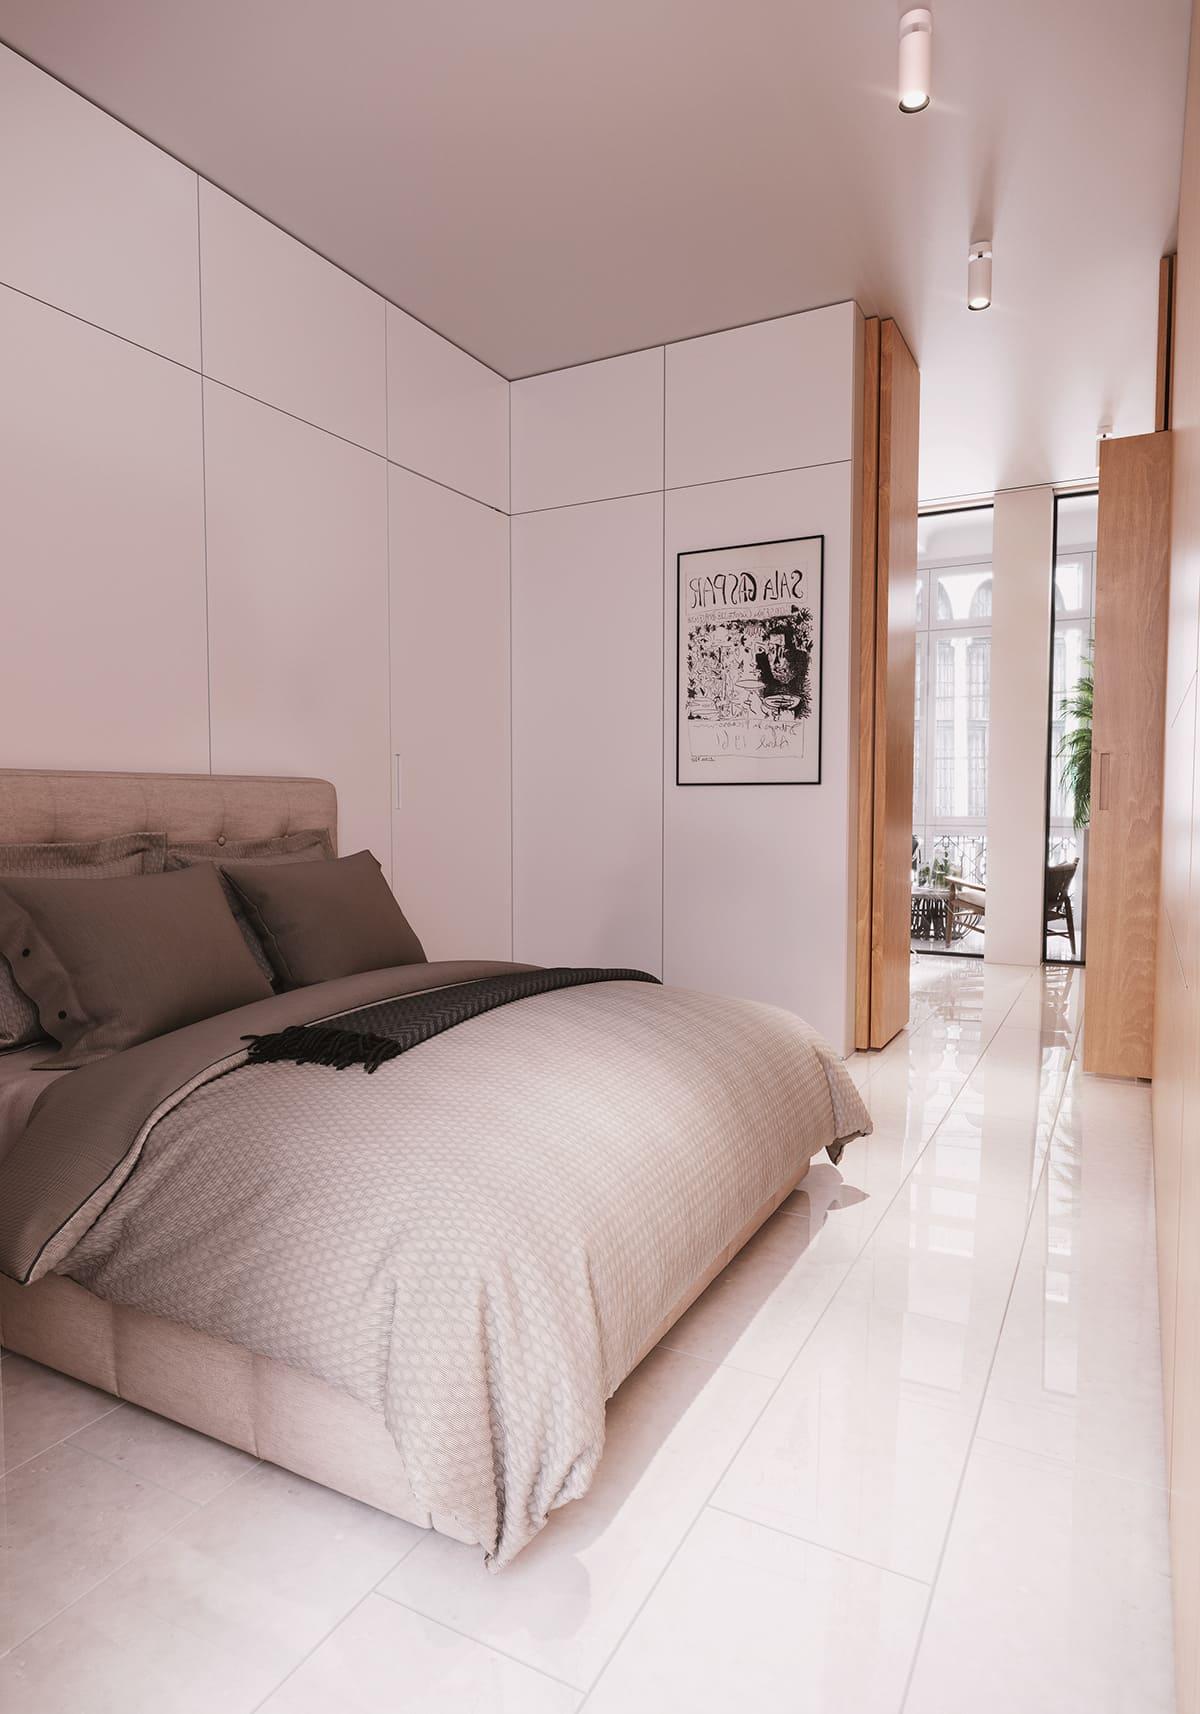 design d'intérieur d'un appartement à la mode photo 13